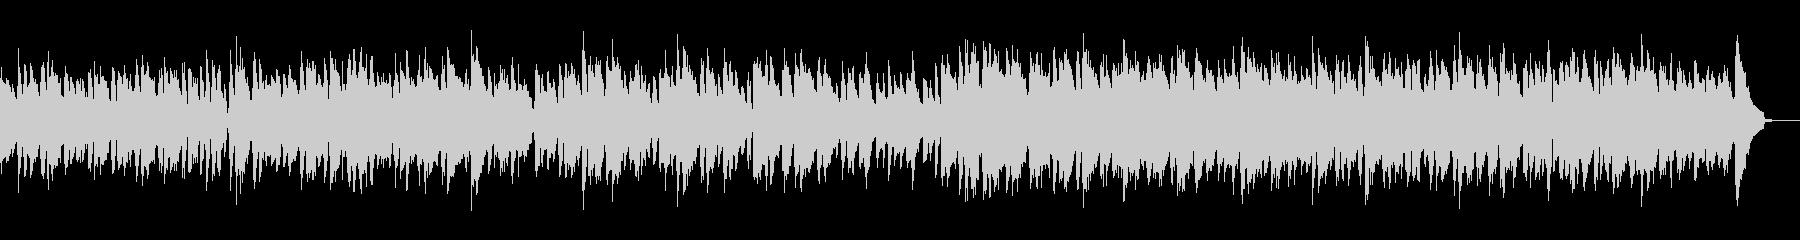 エレクトリックピアノのやさしいボサノバの未再生の波形